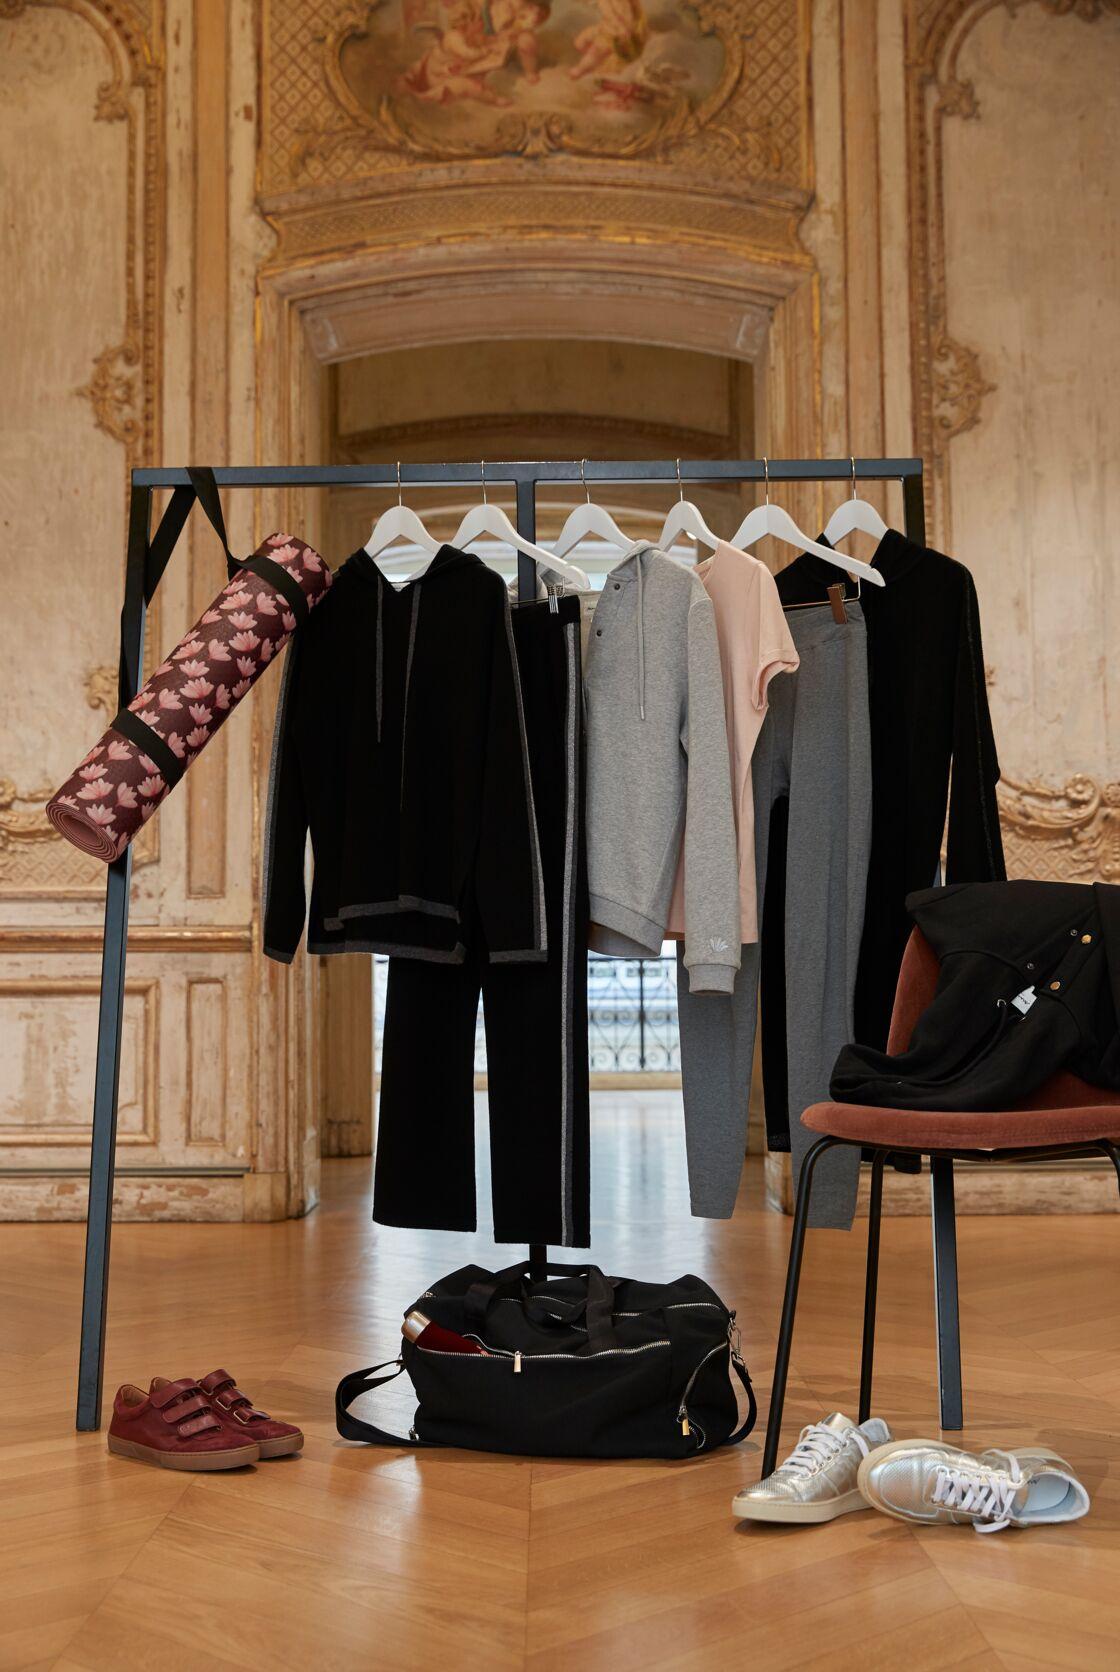 La collection de Maison 123 se compose d'un tapis de yoga, d'une gourde, d'un sac de sport, d'un sweatshirt décliné en trois coloris, ainsi que d'un gilet, d'une robe, et d'un ensemble pull et pantalon, en laine et cachemire.